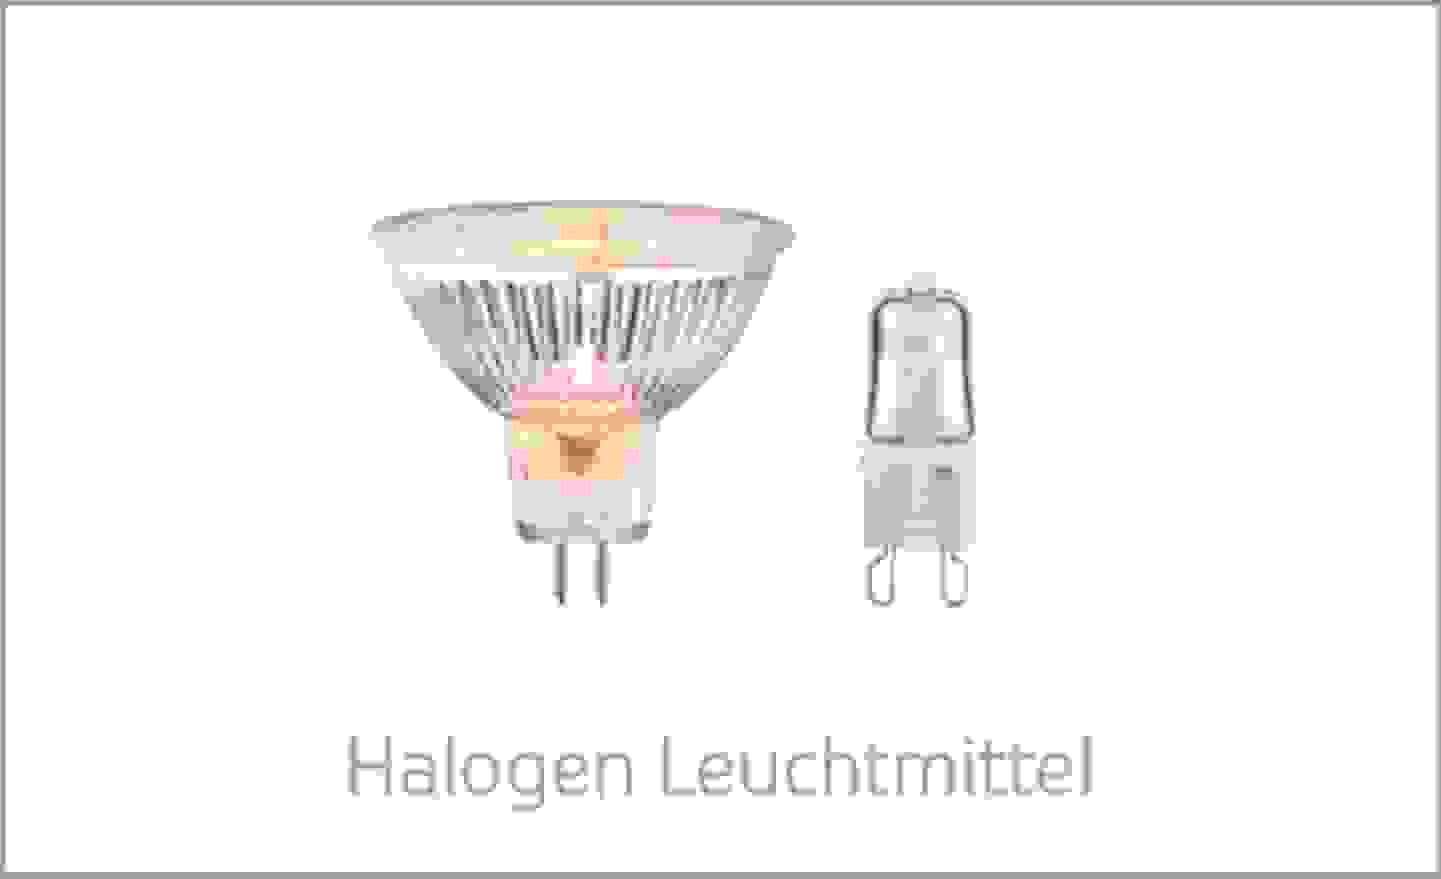 Sygonix Halogen Leuchtmittel